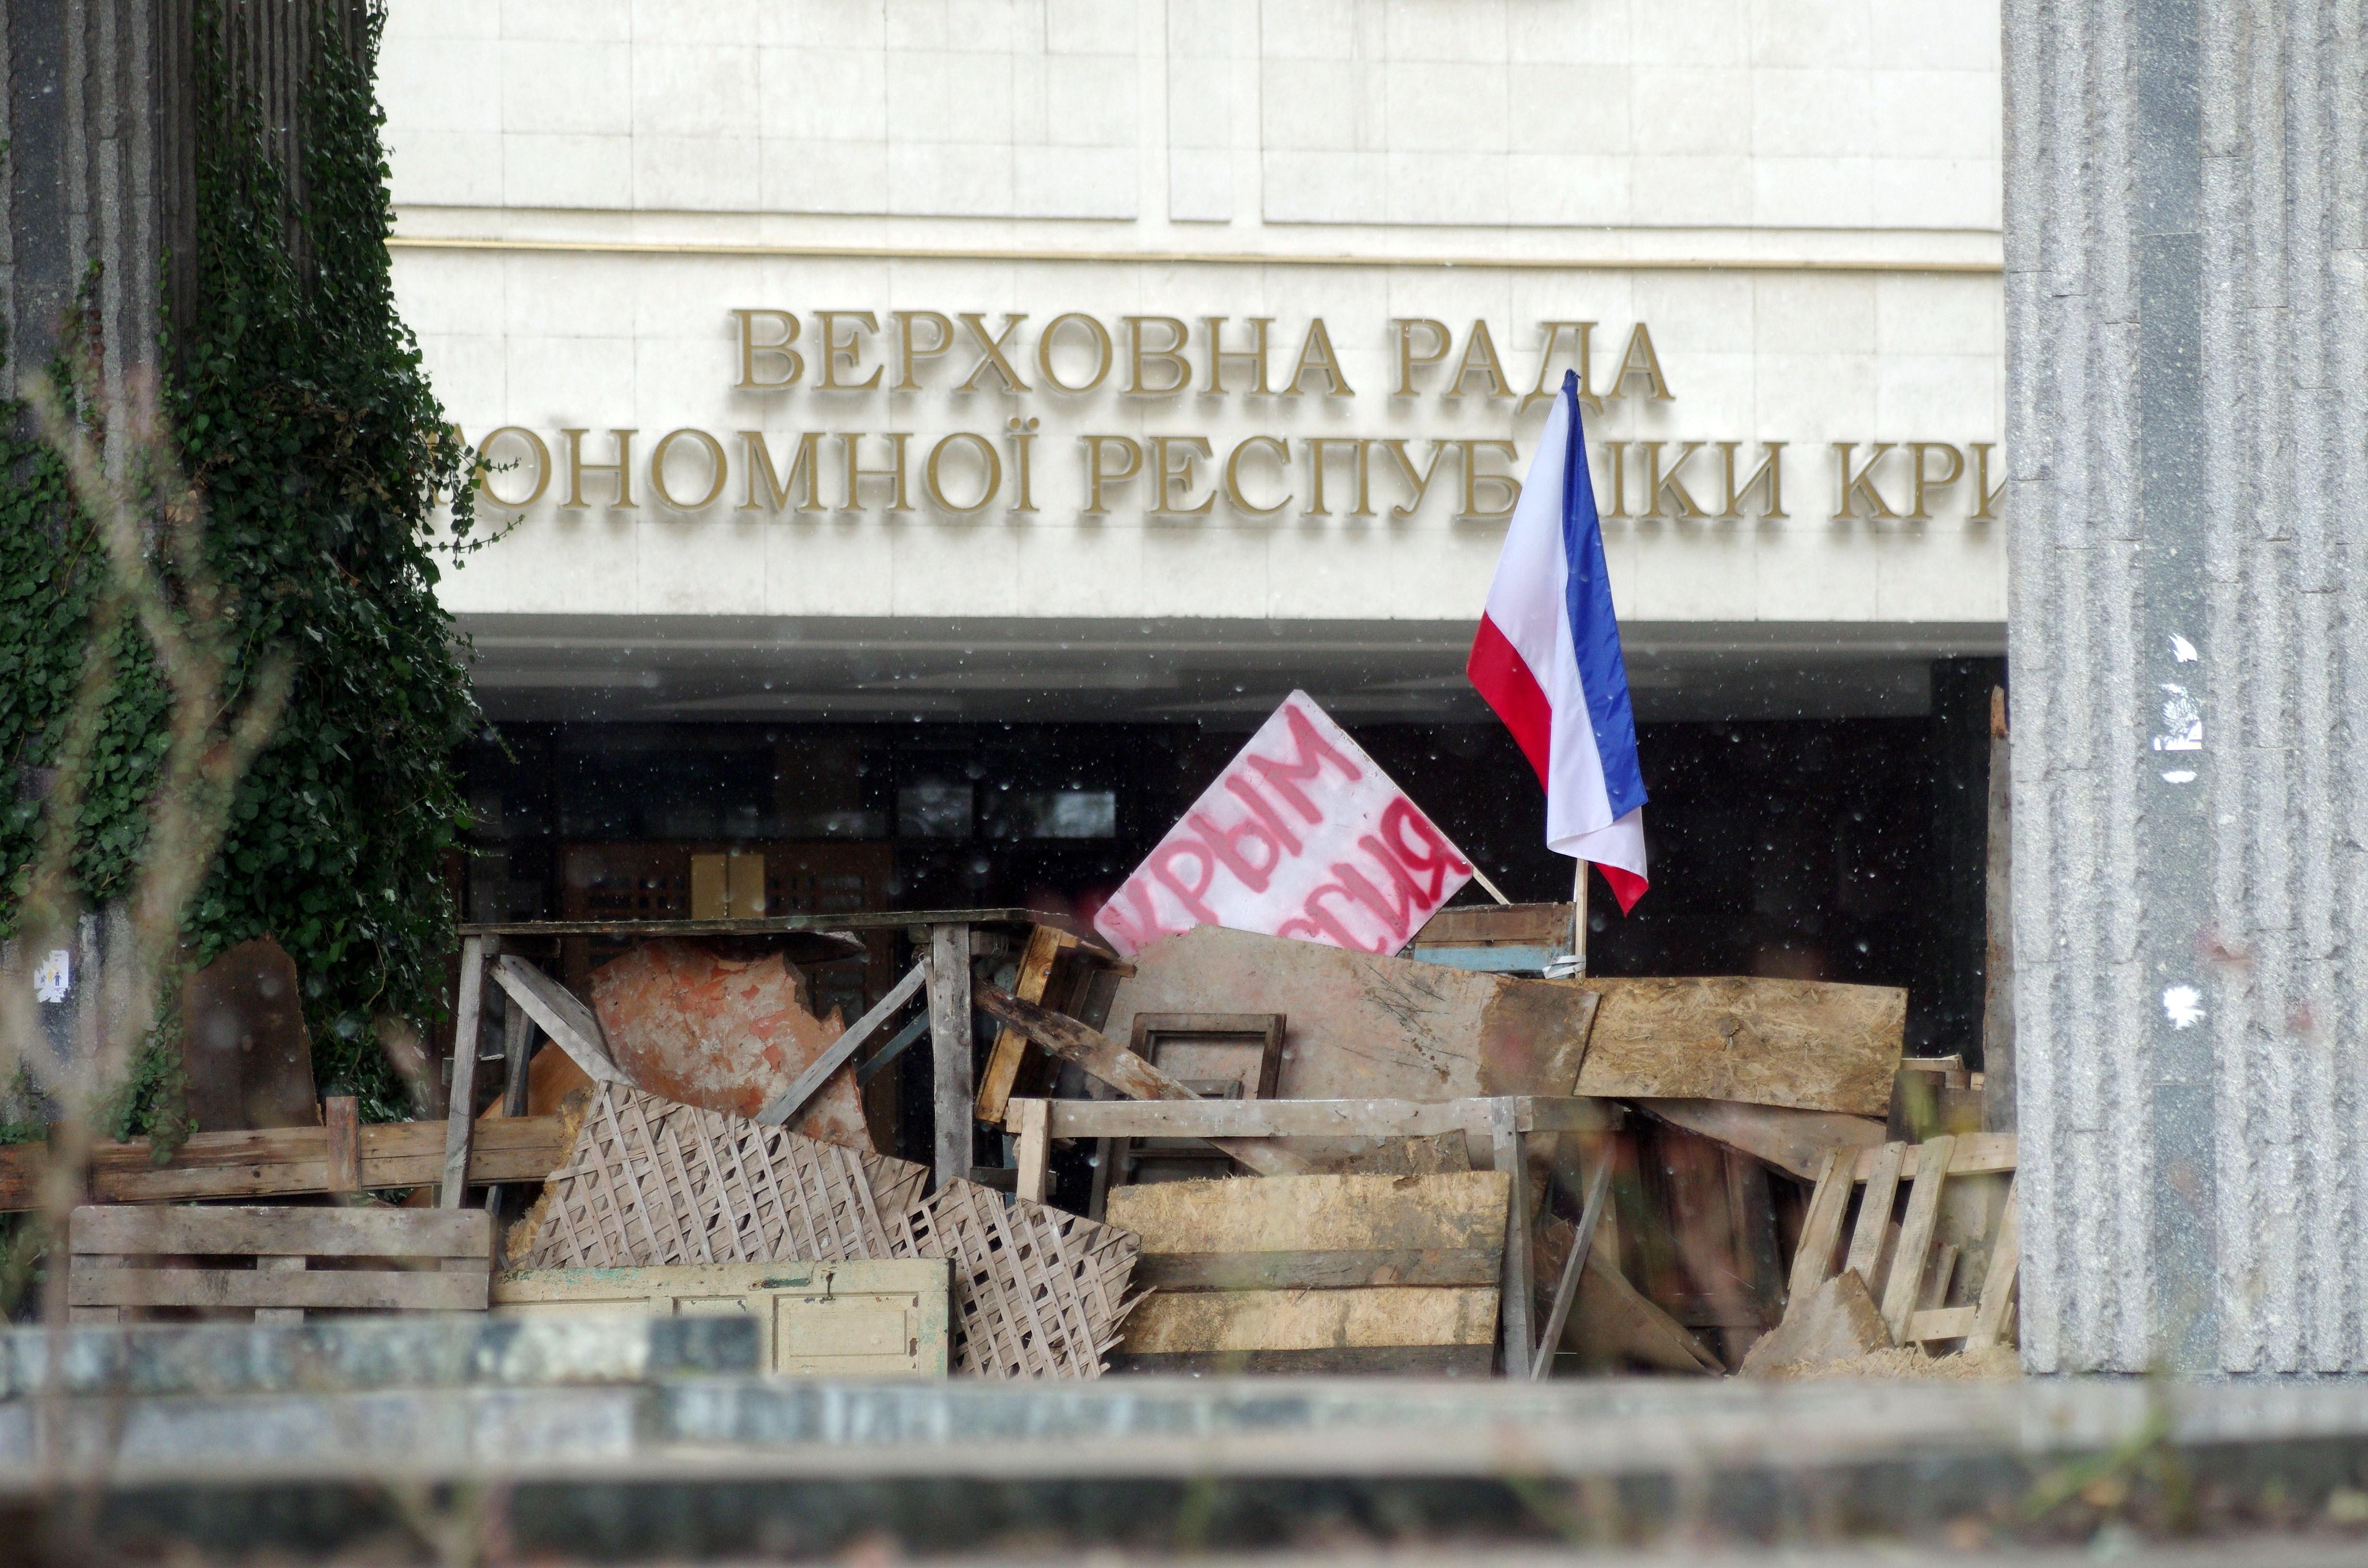 """""""Militärische Invasion"""": Bewaffnete Männer nahmen Flughäfen in Krim in ihre Gewalt"""